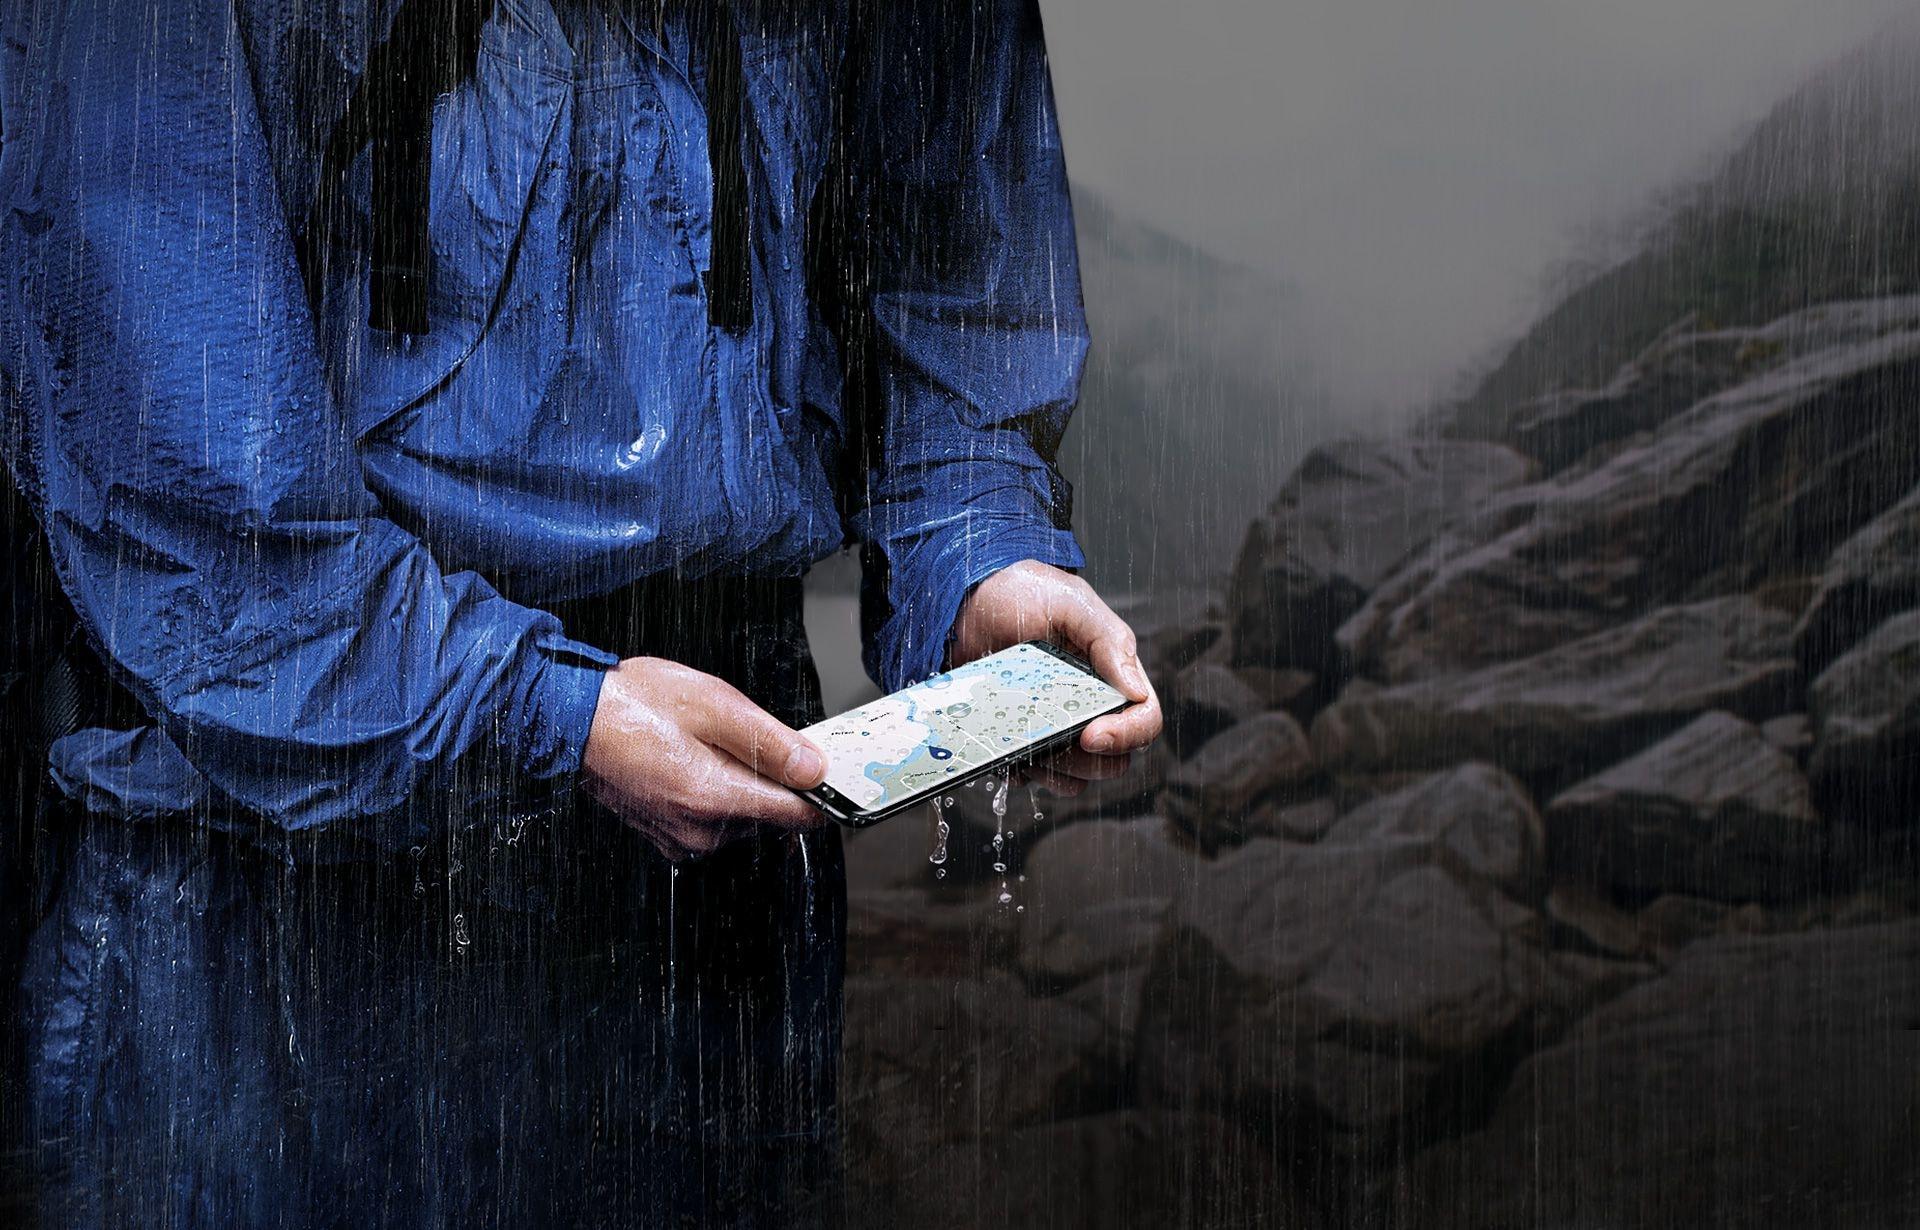 Galaxy S8 sous une pluie battante